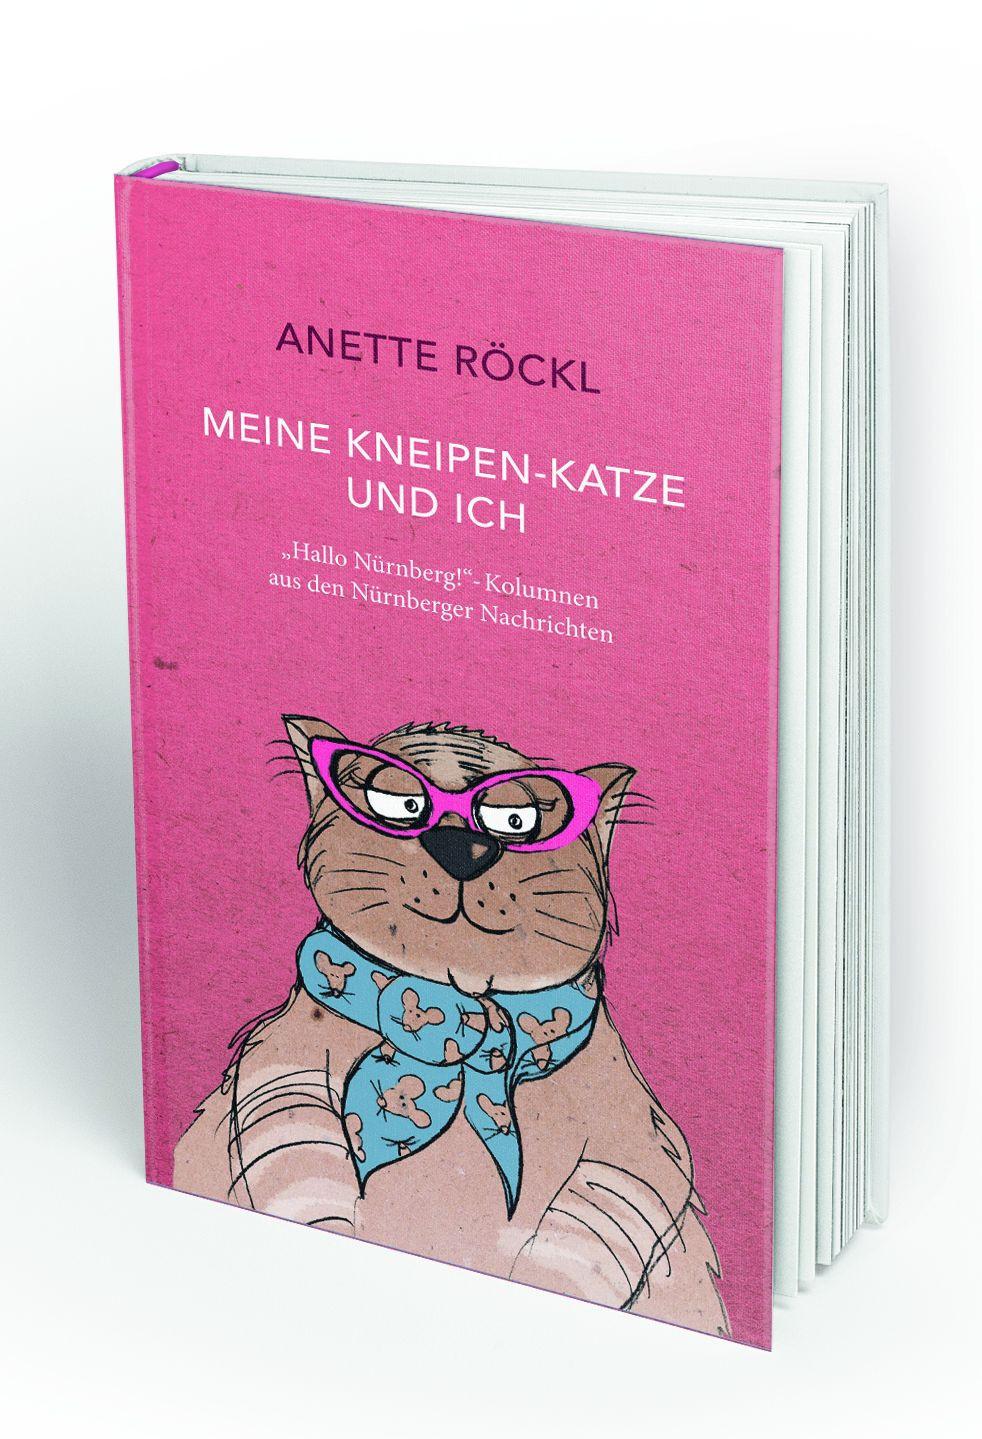 Meine Kneipen-Katze und ich - Anette Röckl